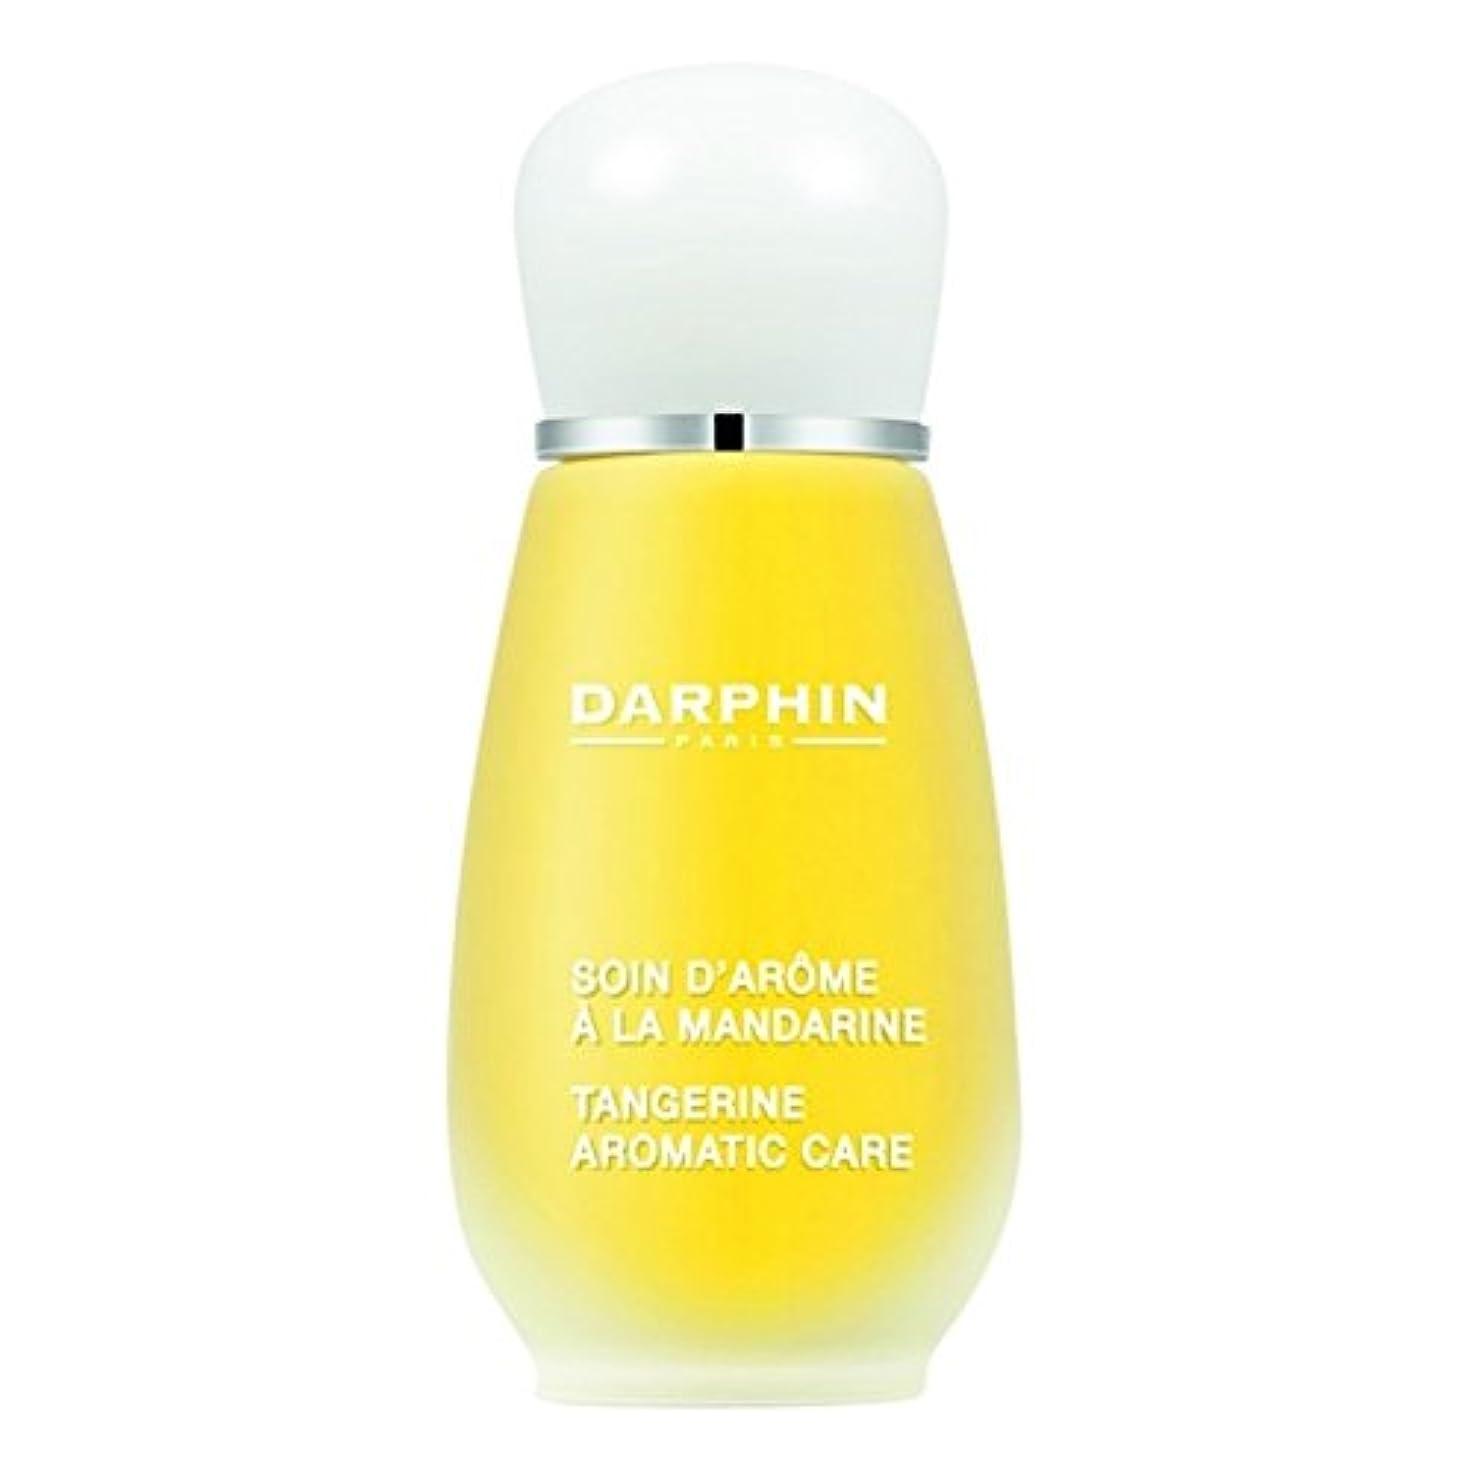 ギャングオーチャード皮肉ダルファンタンジェリン芳香ケア15ミリリットル (Darphin) (x2) - Darphin Tangerine Aromatic Care 15ml (Pack of 2) [並行輸入品]